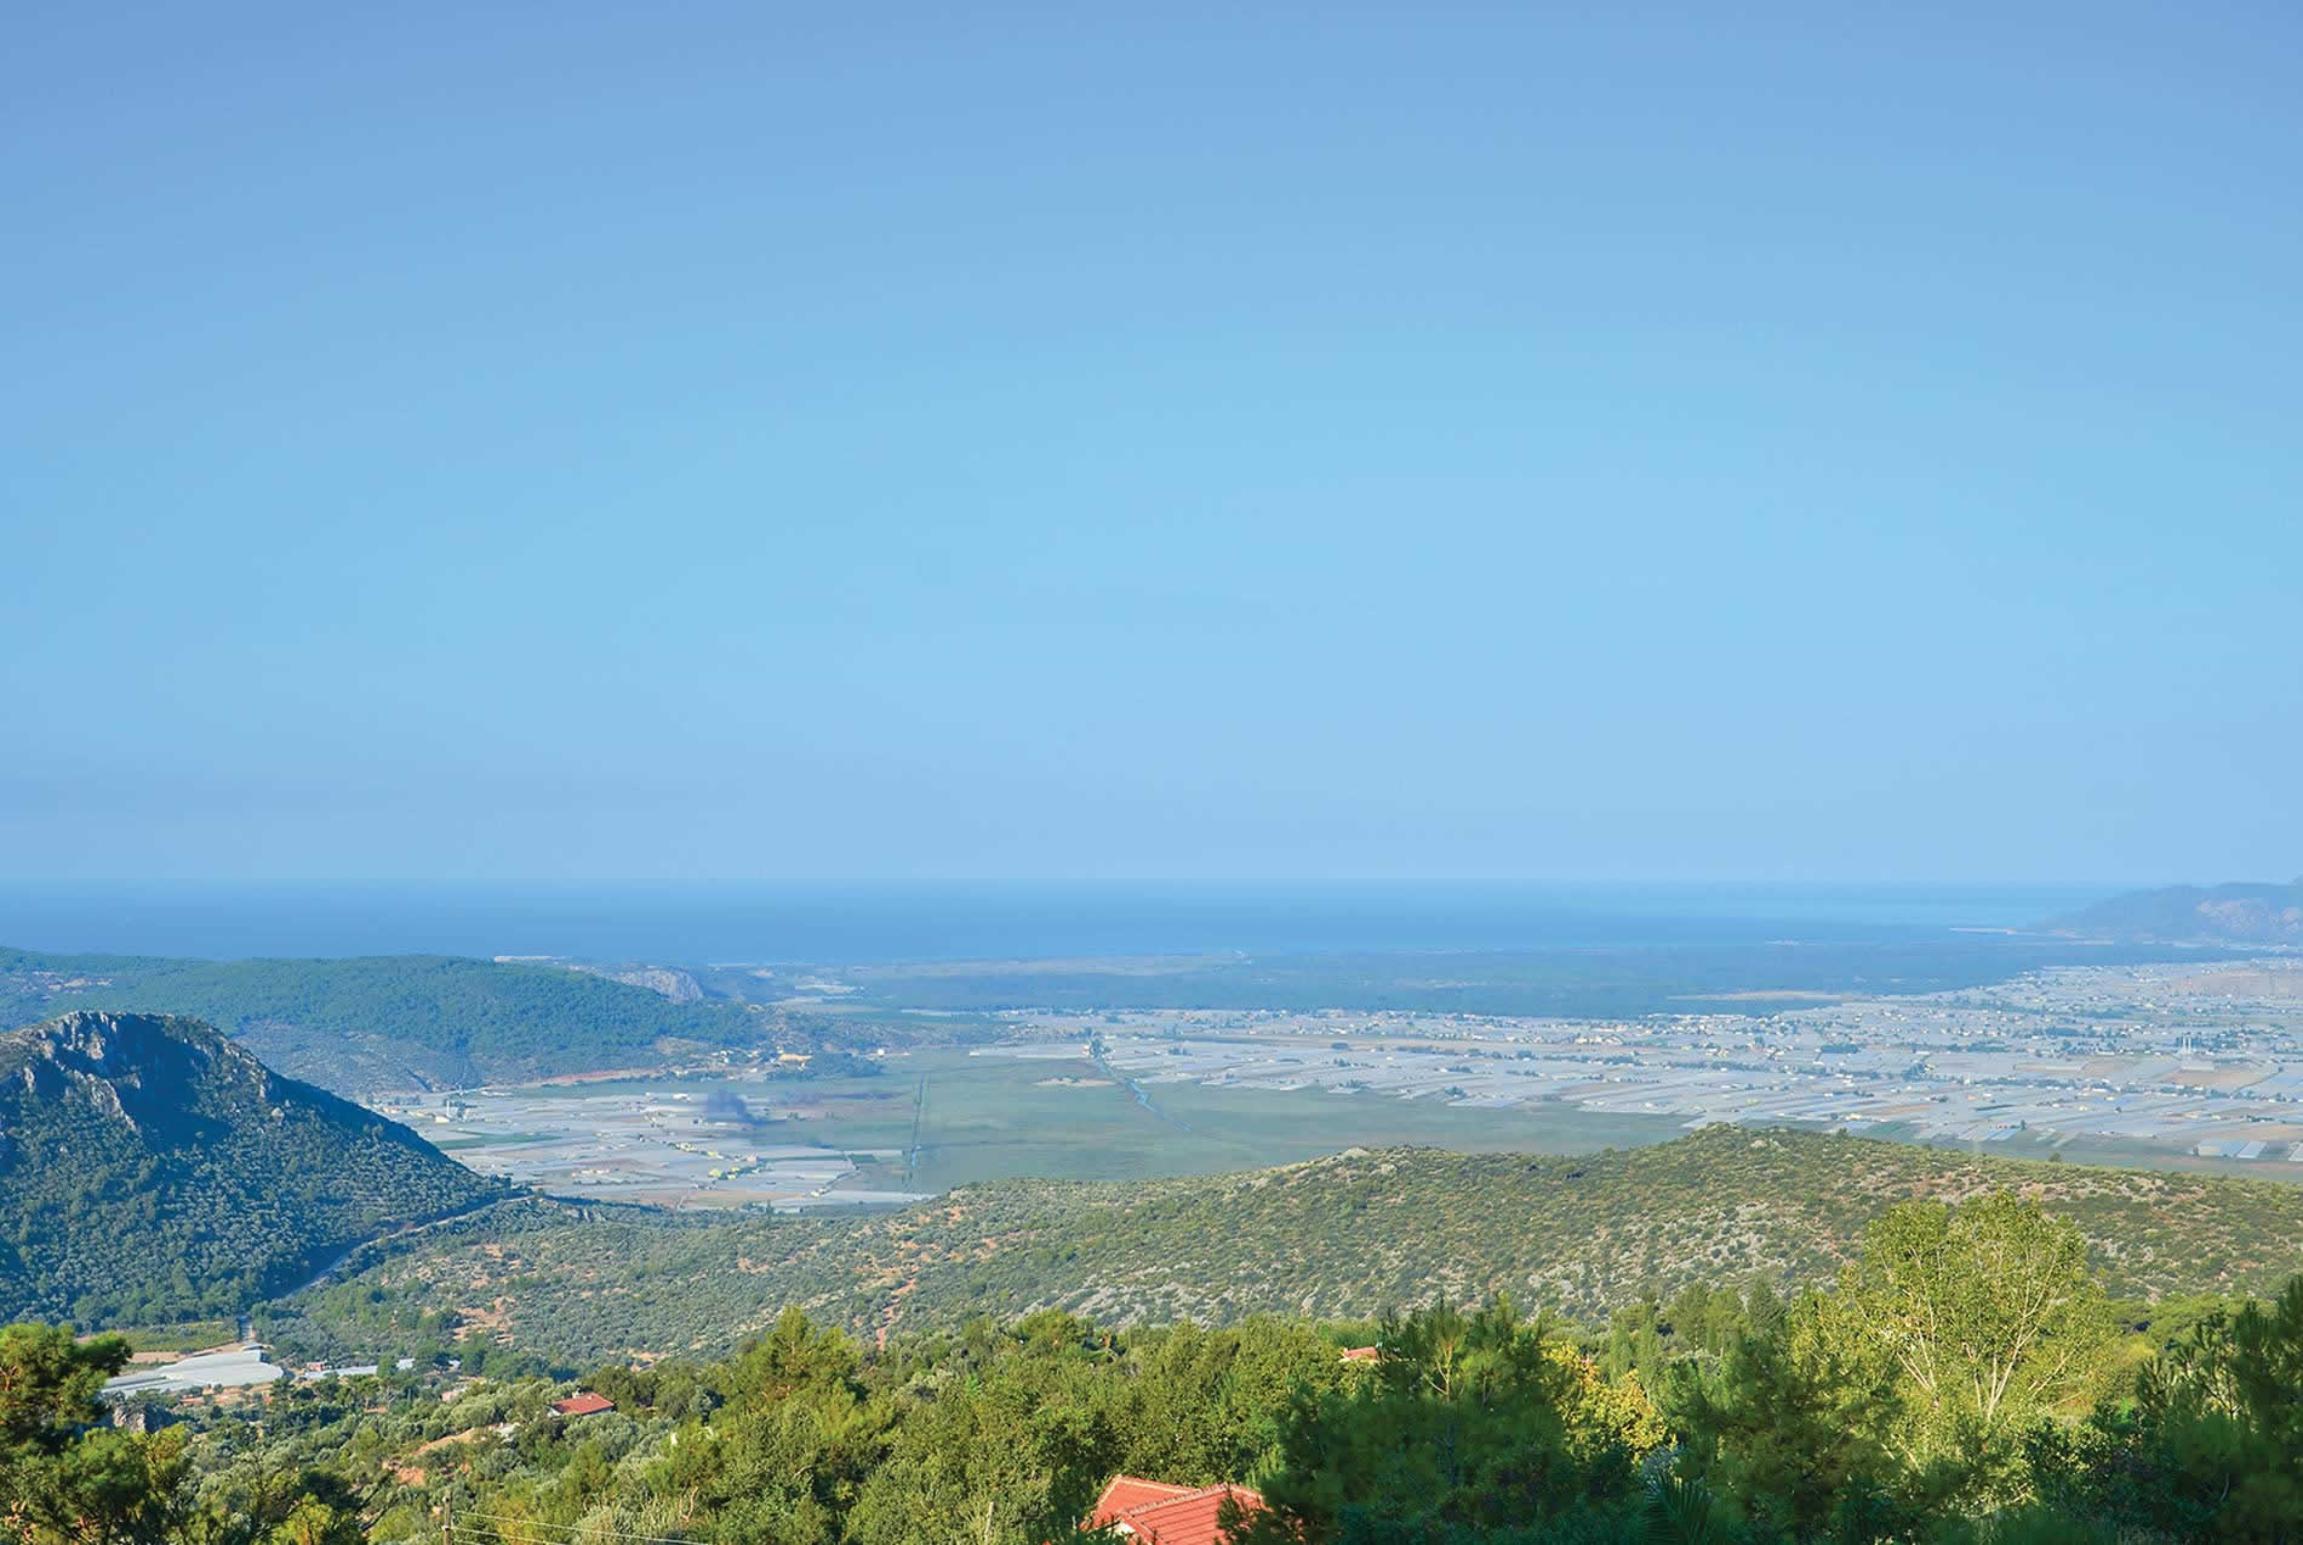 Maison de vacances Lavender (2653087), Kalkan, , Région Méditerranéenne, Turquie, image 16